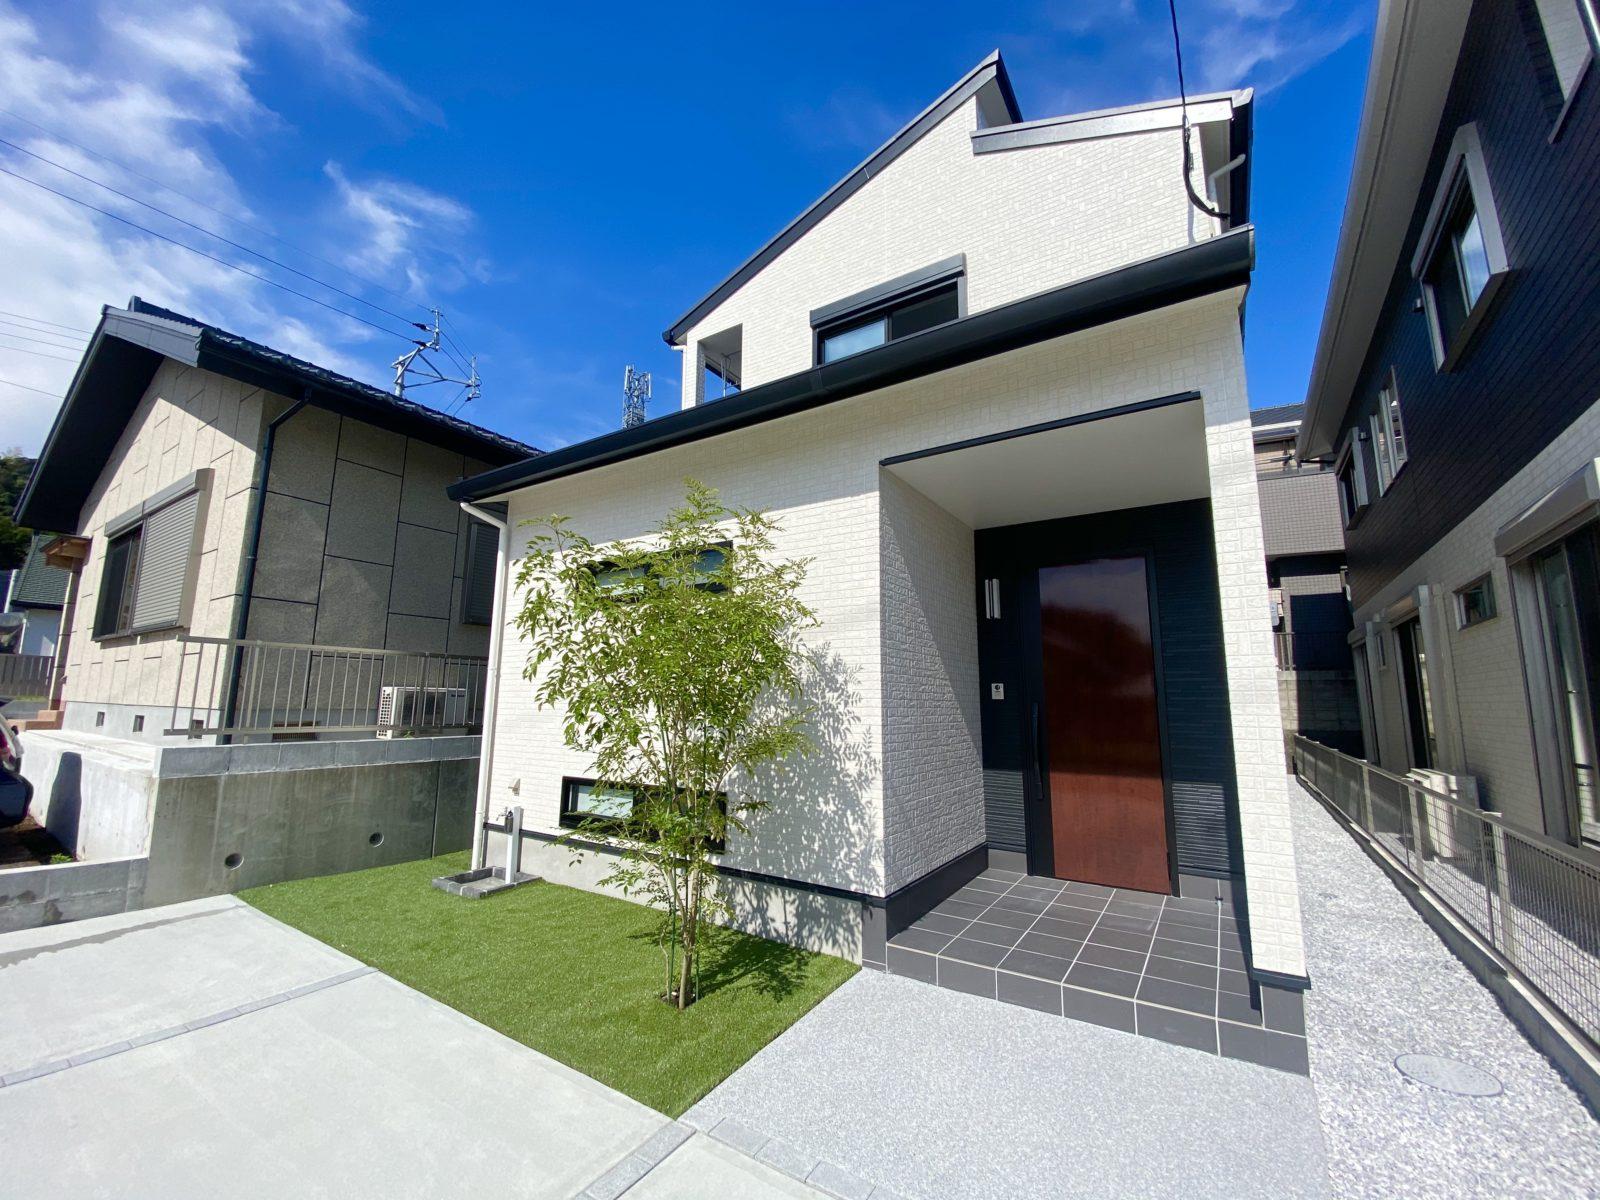 鹿児島市西谷山でオープンハウス